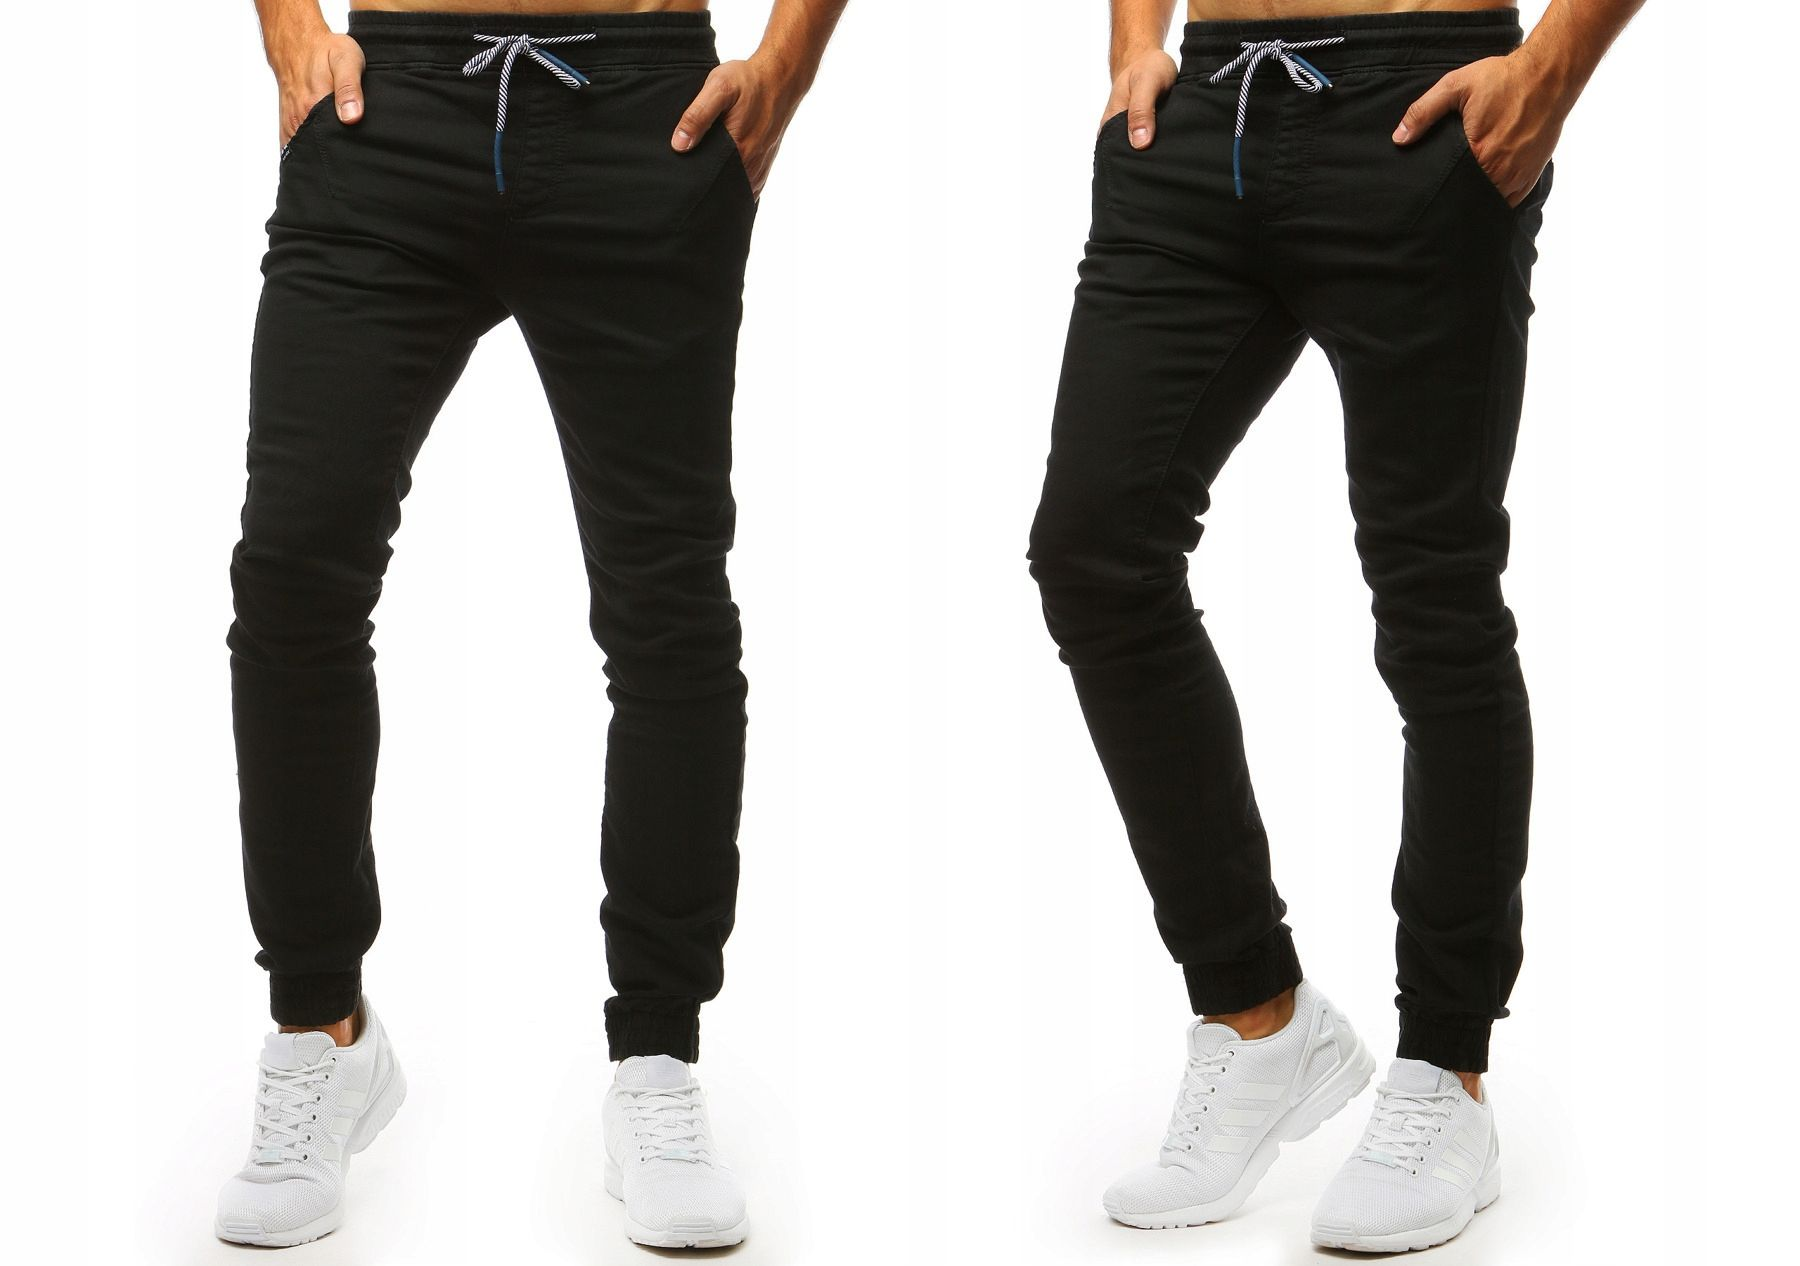 Spodnie Meskie Joggery Czarne Ux1448 Szukaj W Google Spodnie Meskie Moda Meska Moda